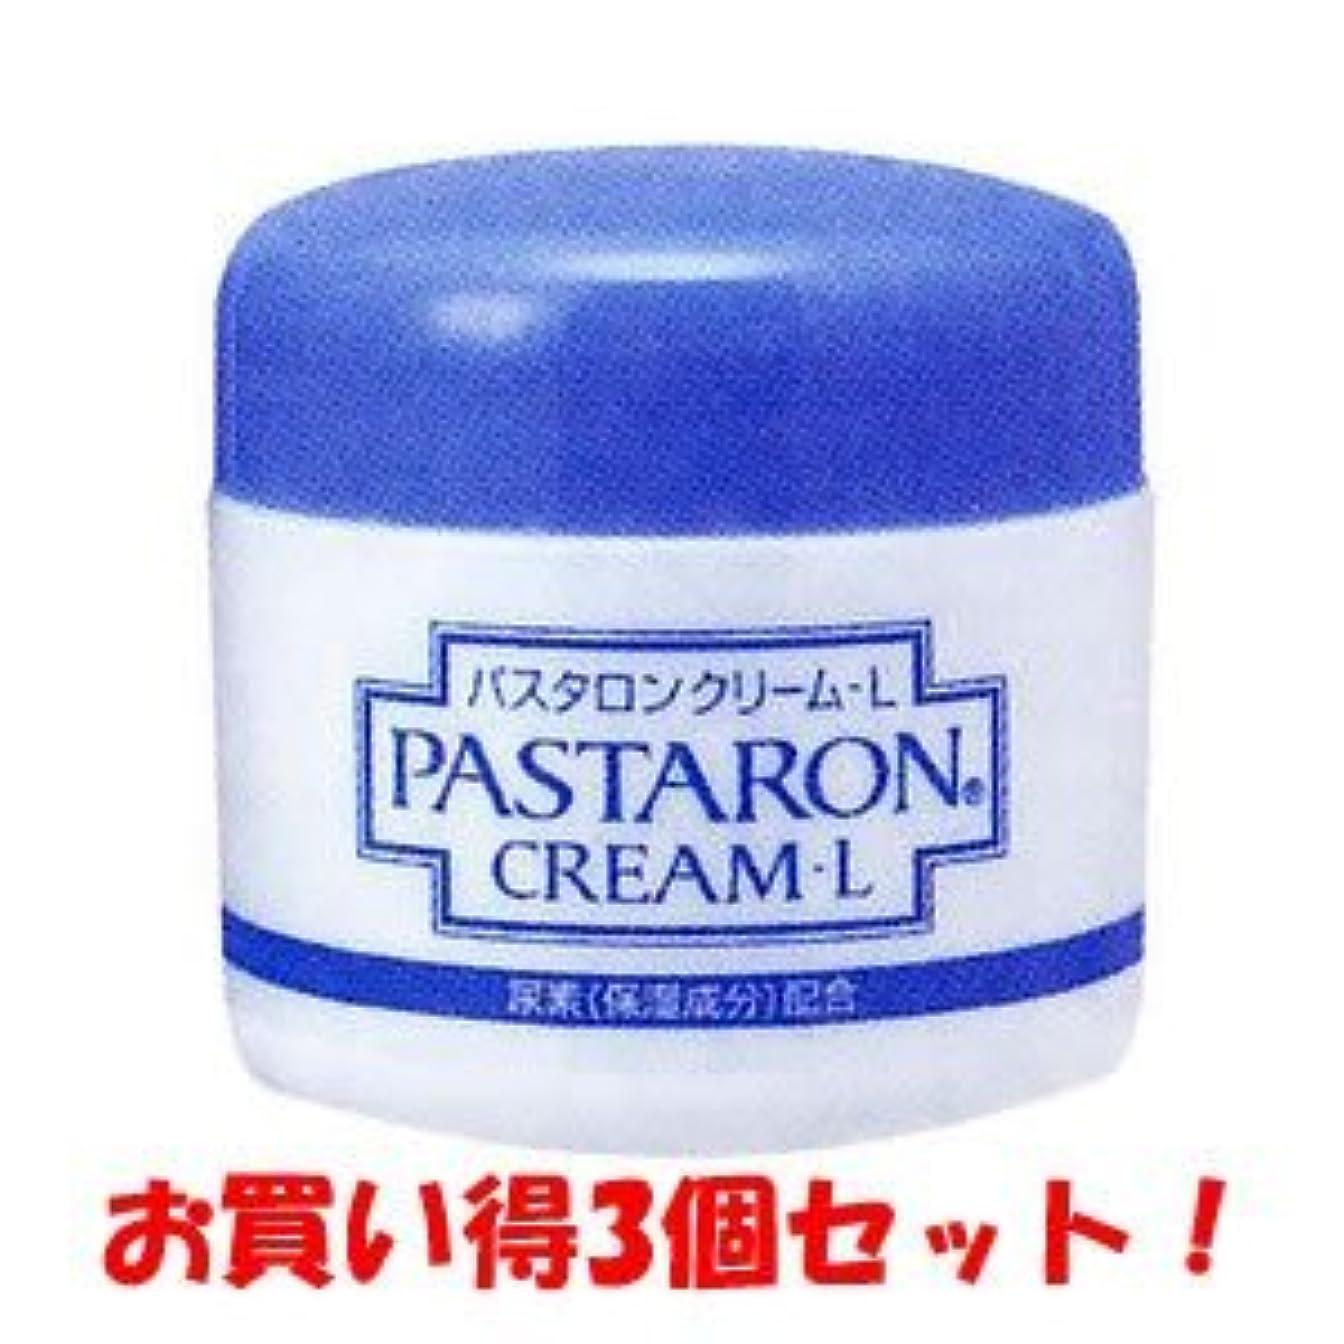 銀行ダムメニュー【佐藤製薬】パスタロンクリームL 60g(医薬部外品)(お買い得3個セット)